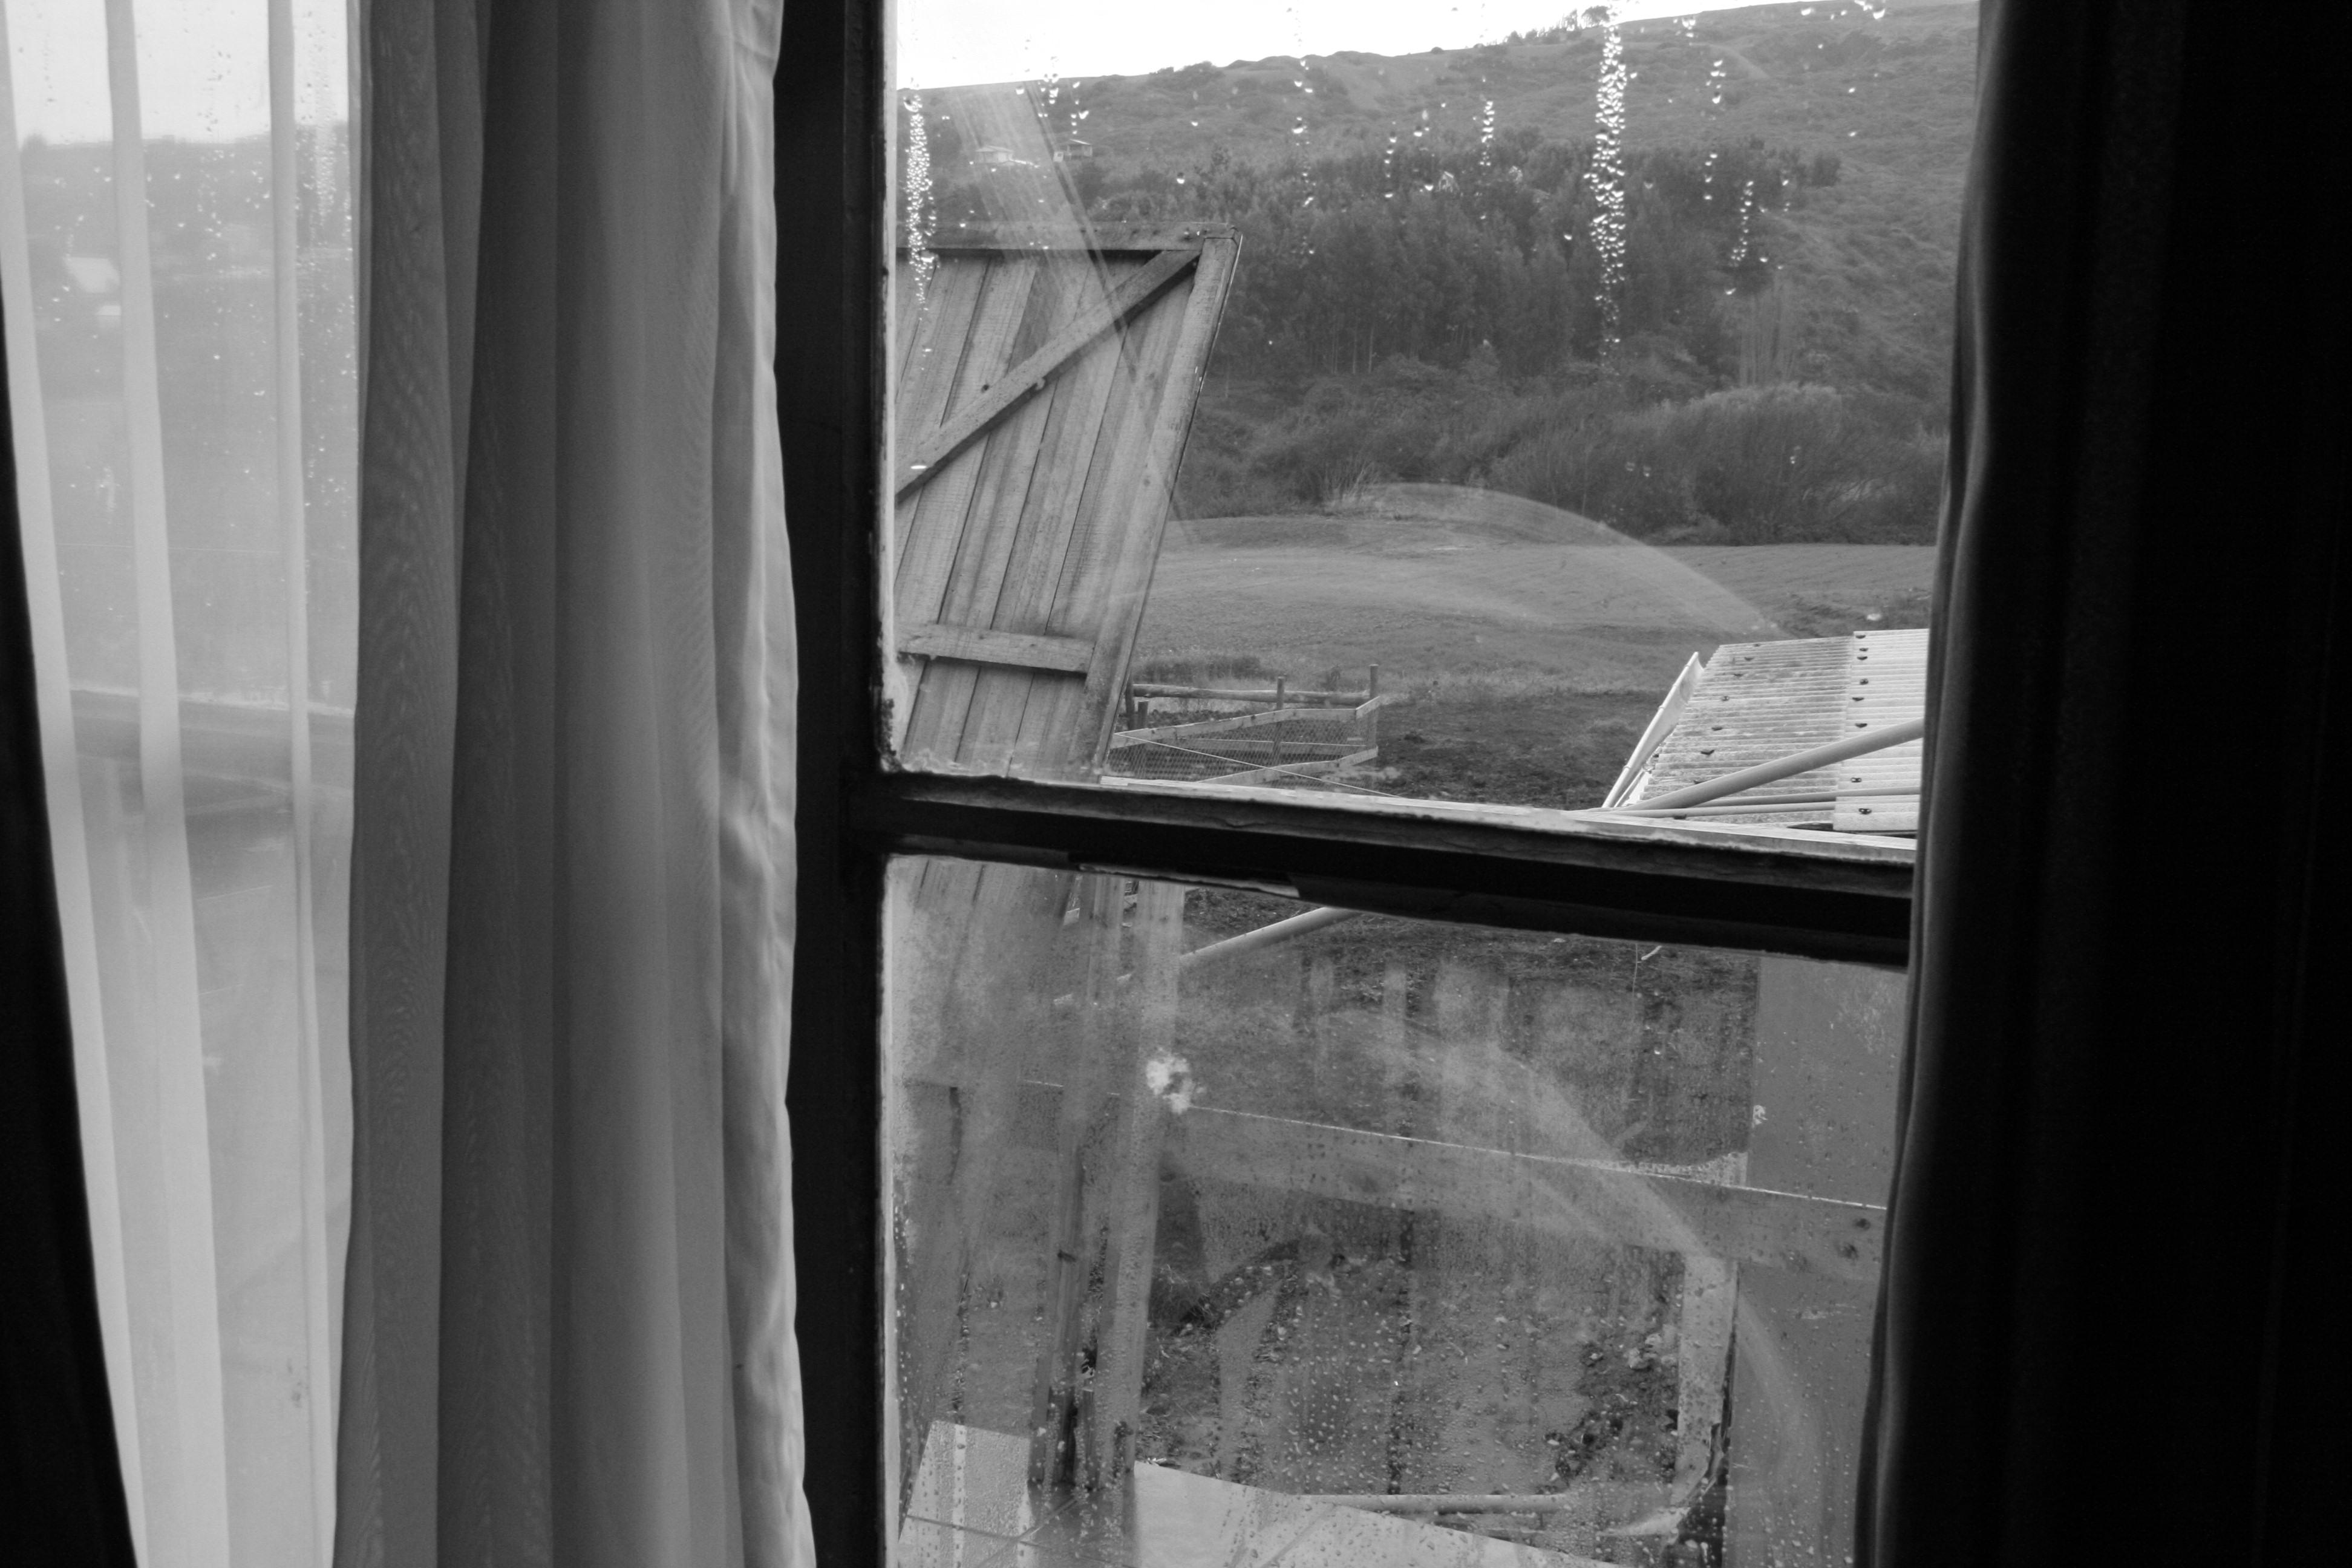 Chile, 2008